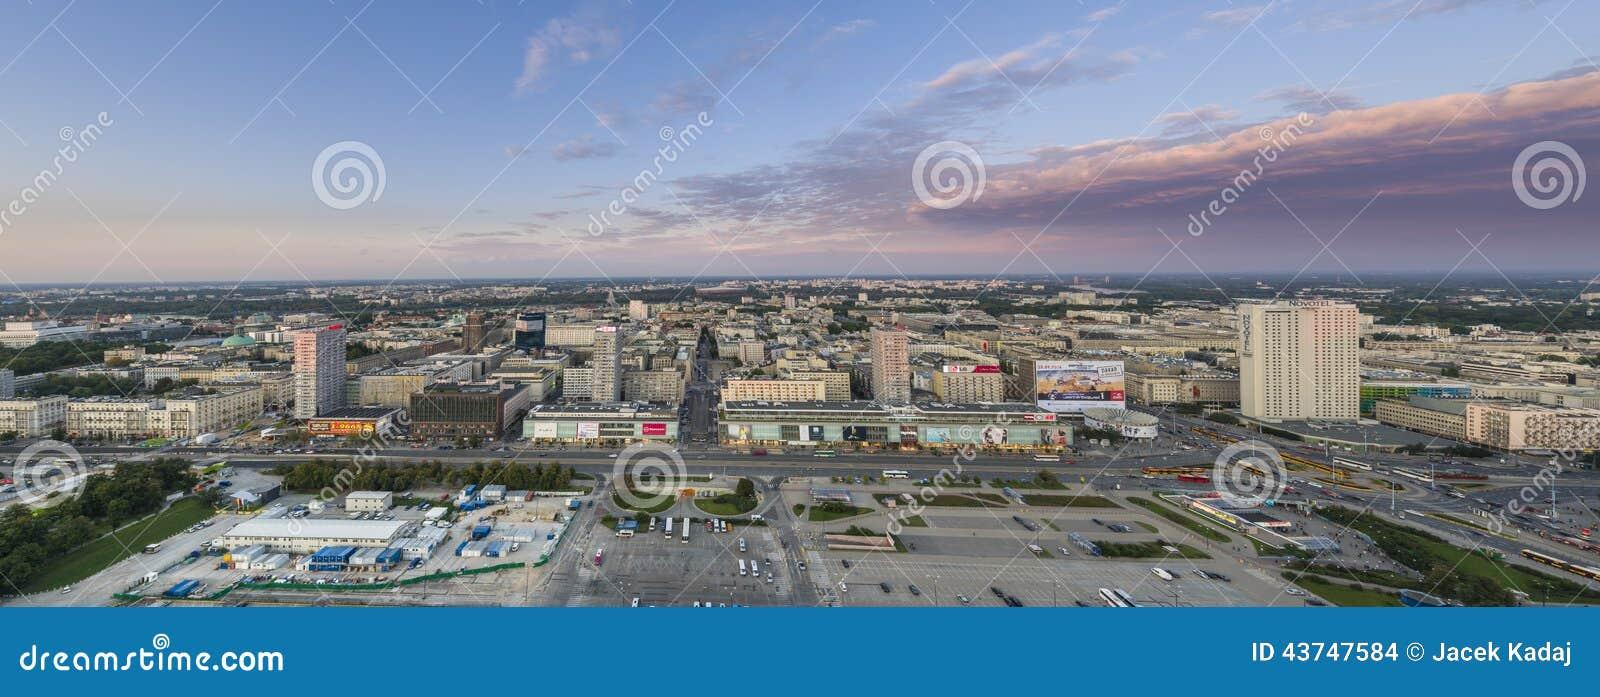 panorama von warschau hauptstadt von polen redaktionelles stockbild bild 43747584. Black Bedroom Furniture Sets. Home Design Ideas